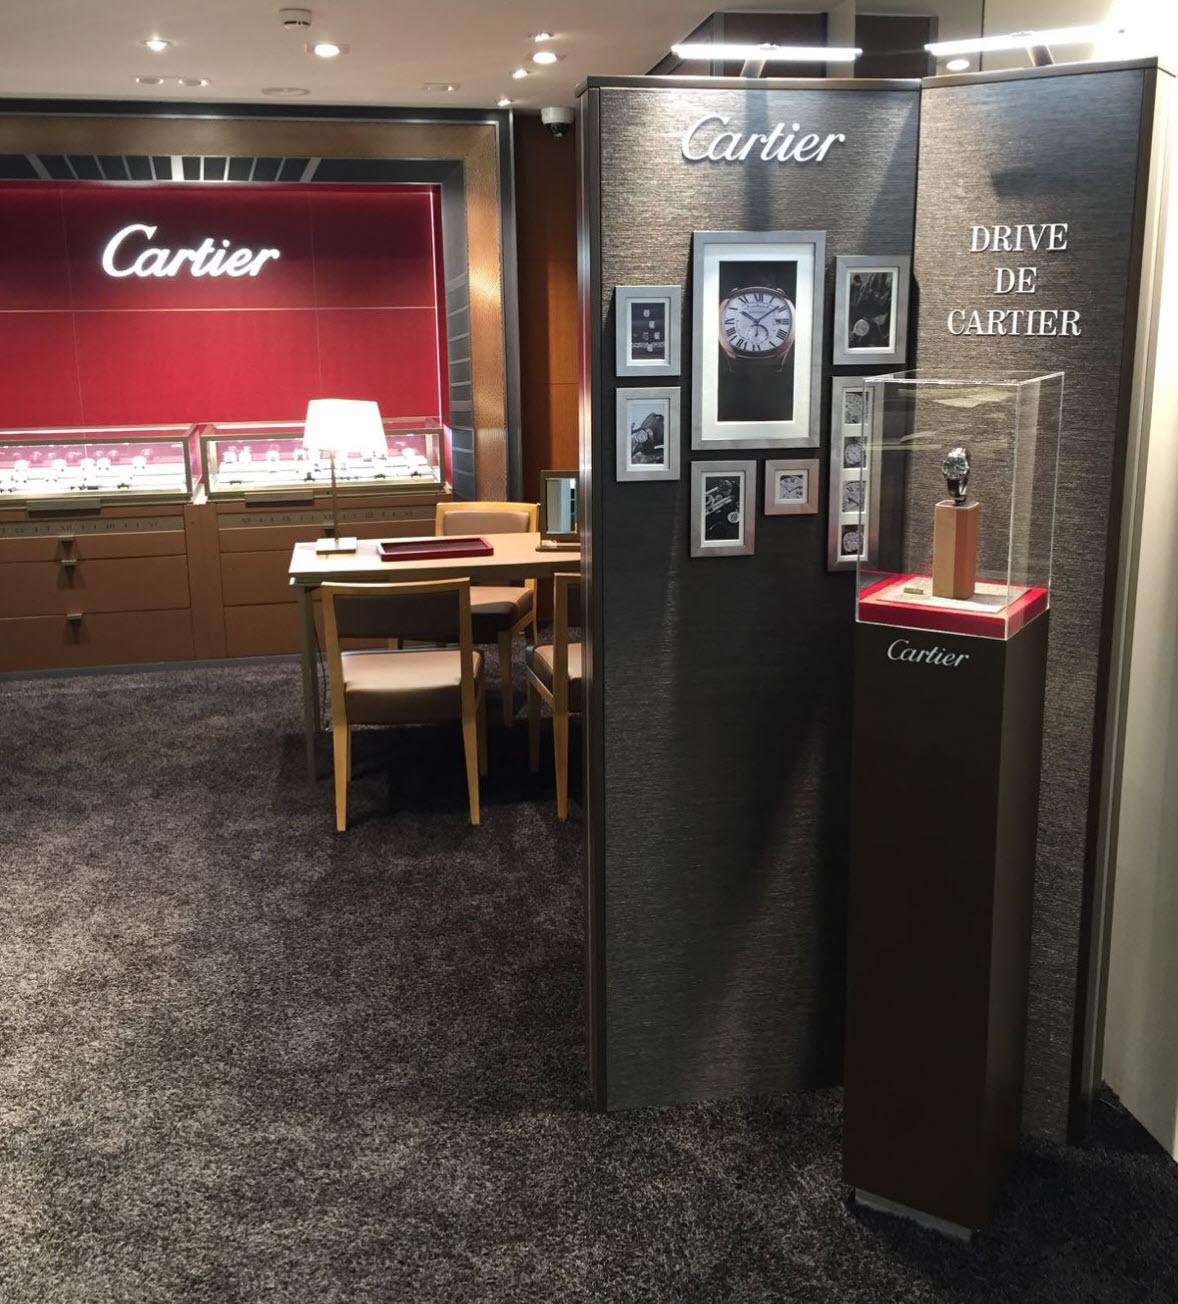 Cartier-Drive-de-Cartier-Chronoart-Ausstellung